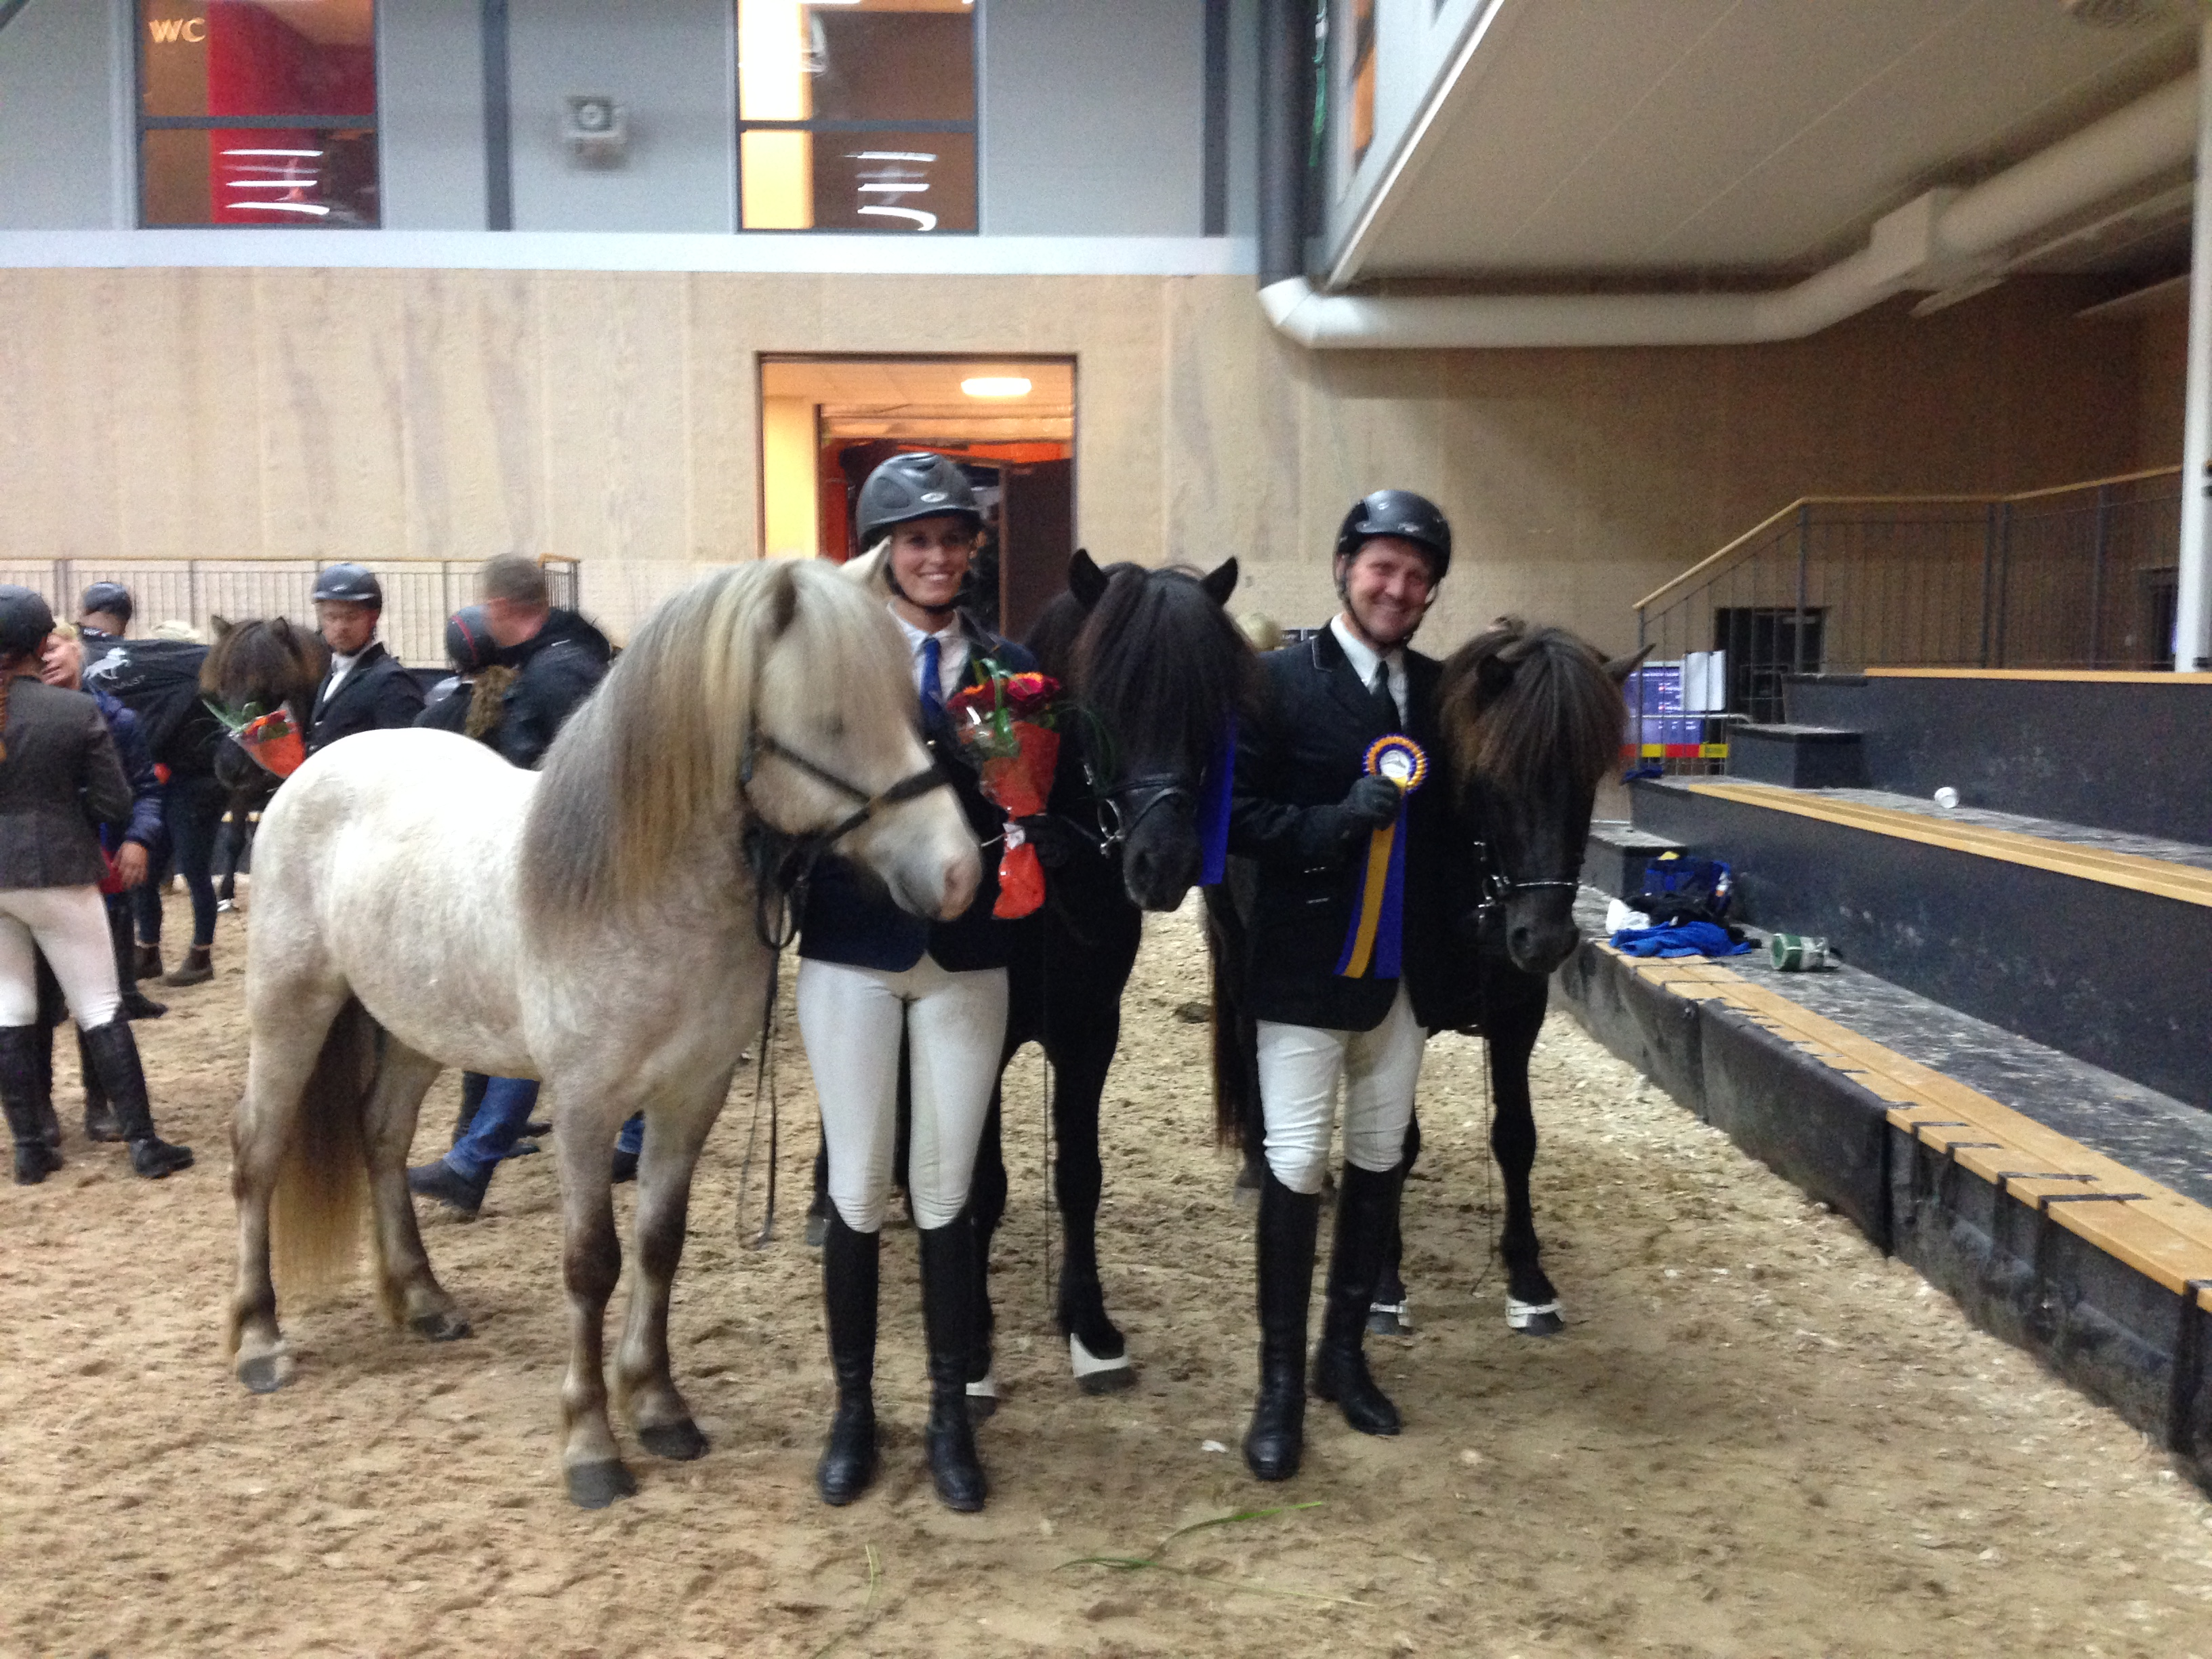 Magnús med Hraunar och Josefin med Simon, vinnare och tvåa i femgång. Foto: Yvonne Liljeroos